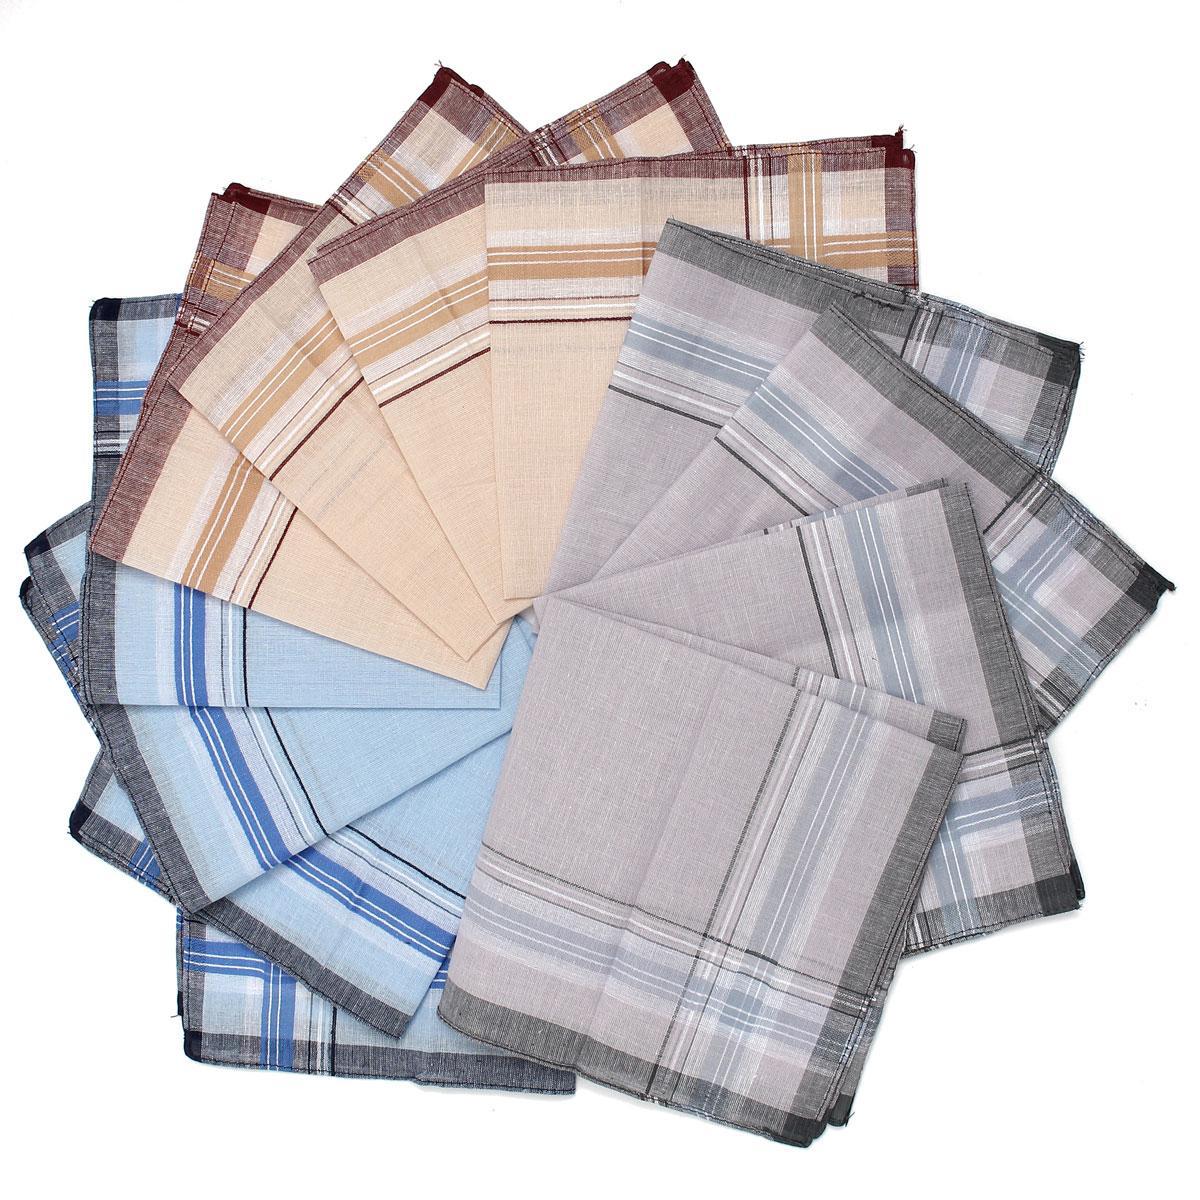 12pcs/lot Men Plaid Square Handkerchiefs, 36x36cm Cotton Soft Vintage Men's Business Suit Pockets Handkerchief Male Grid Hanky